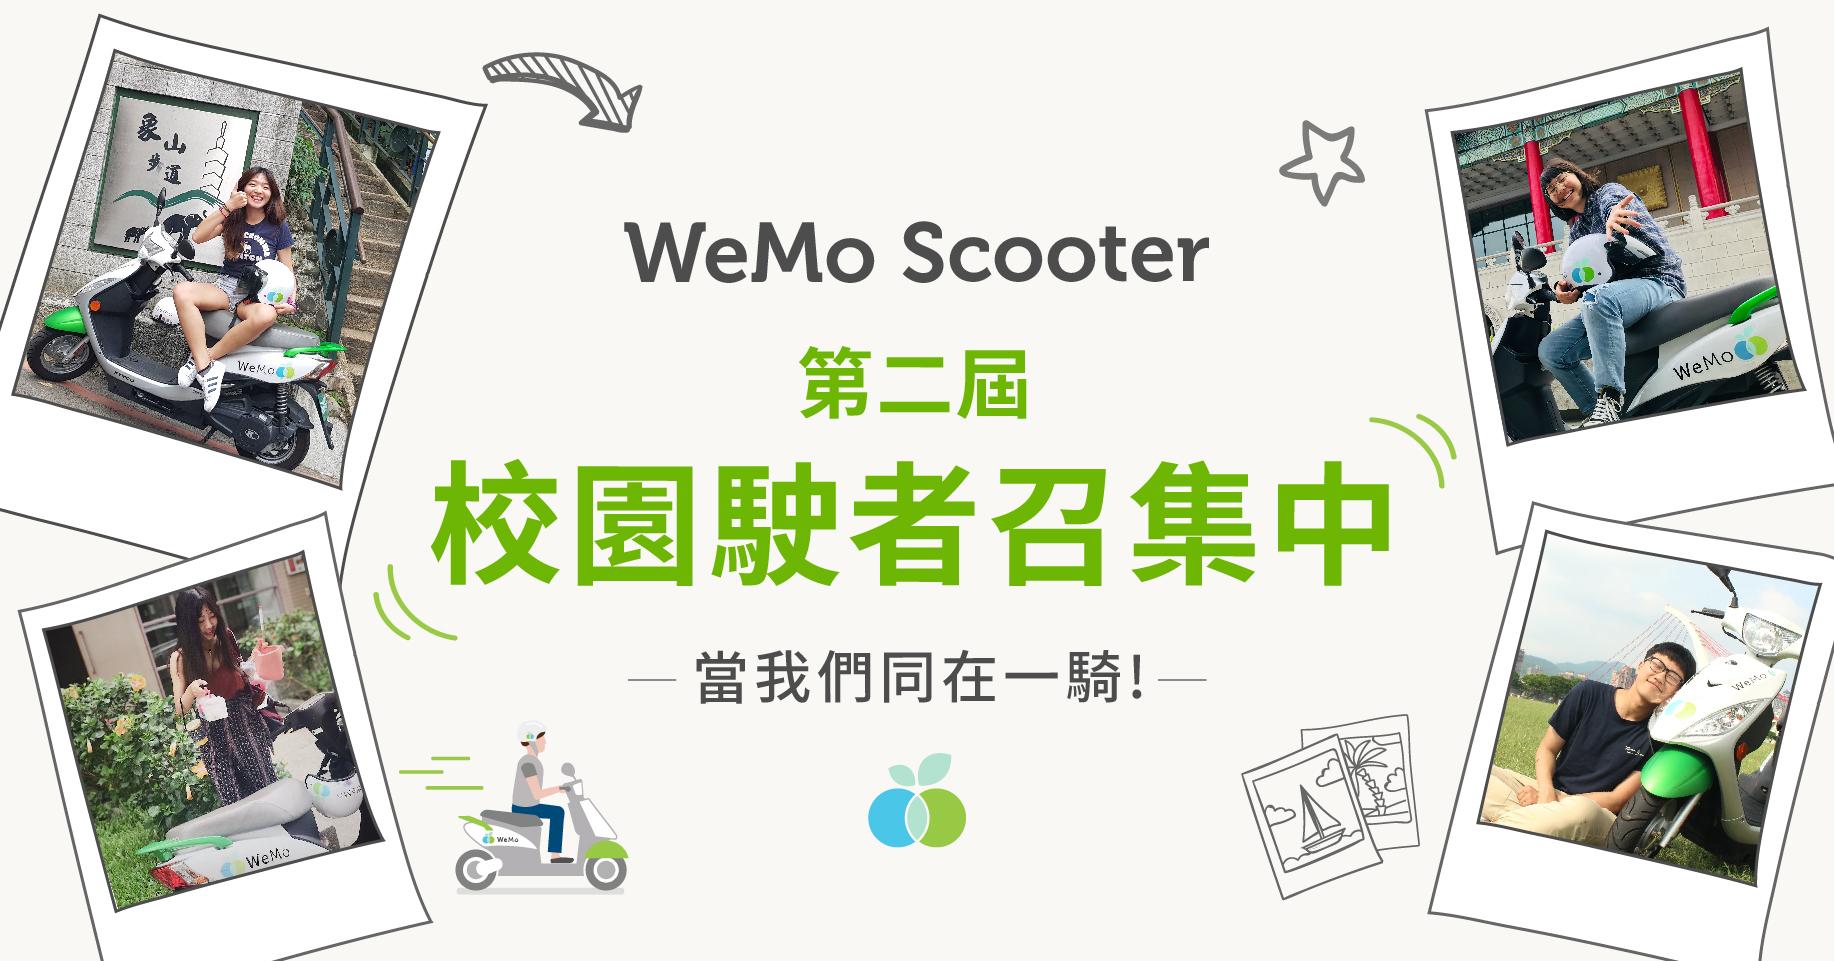 共享機車 WeMo Scooter  校園大使徵選開跑 人氣王最大獎一年免費騎